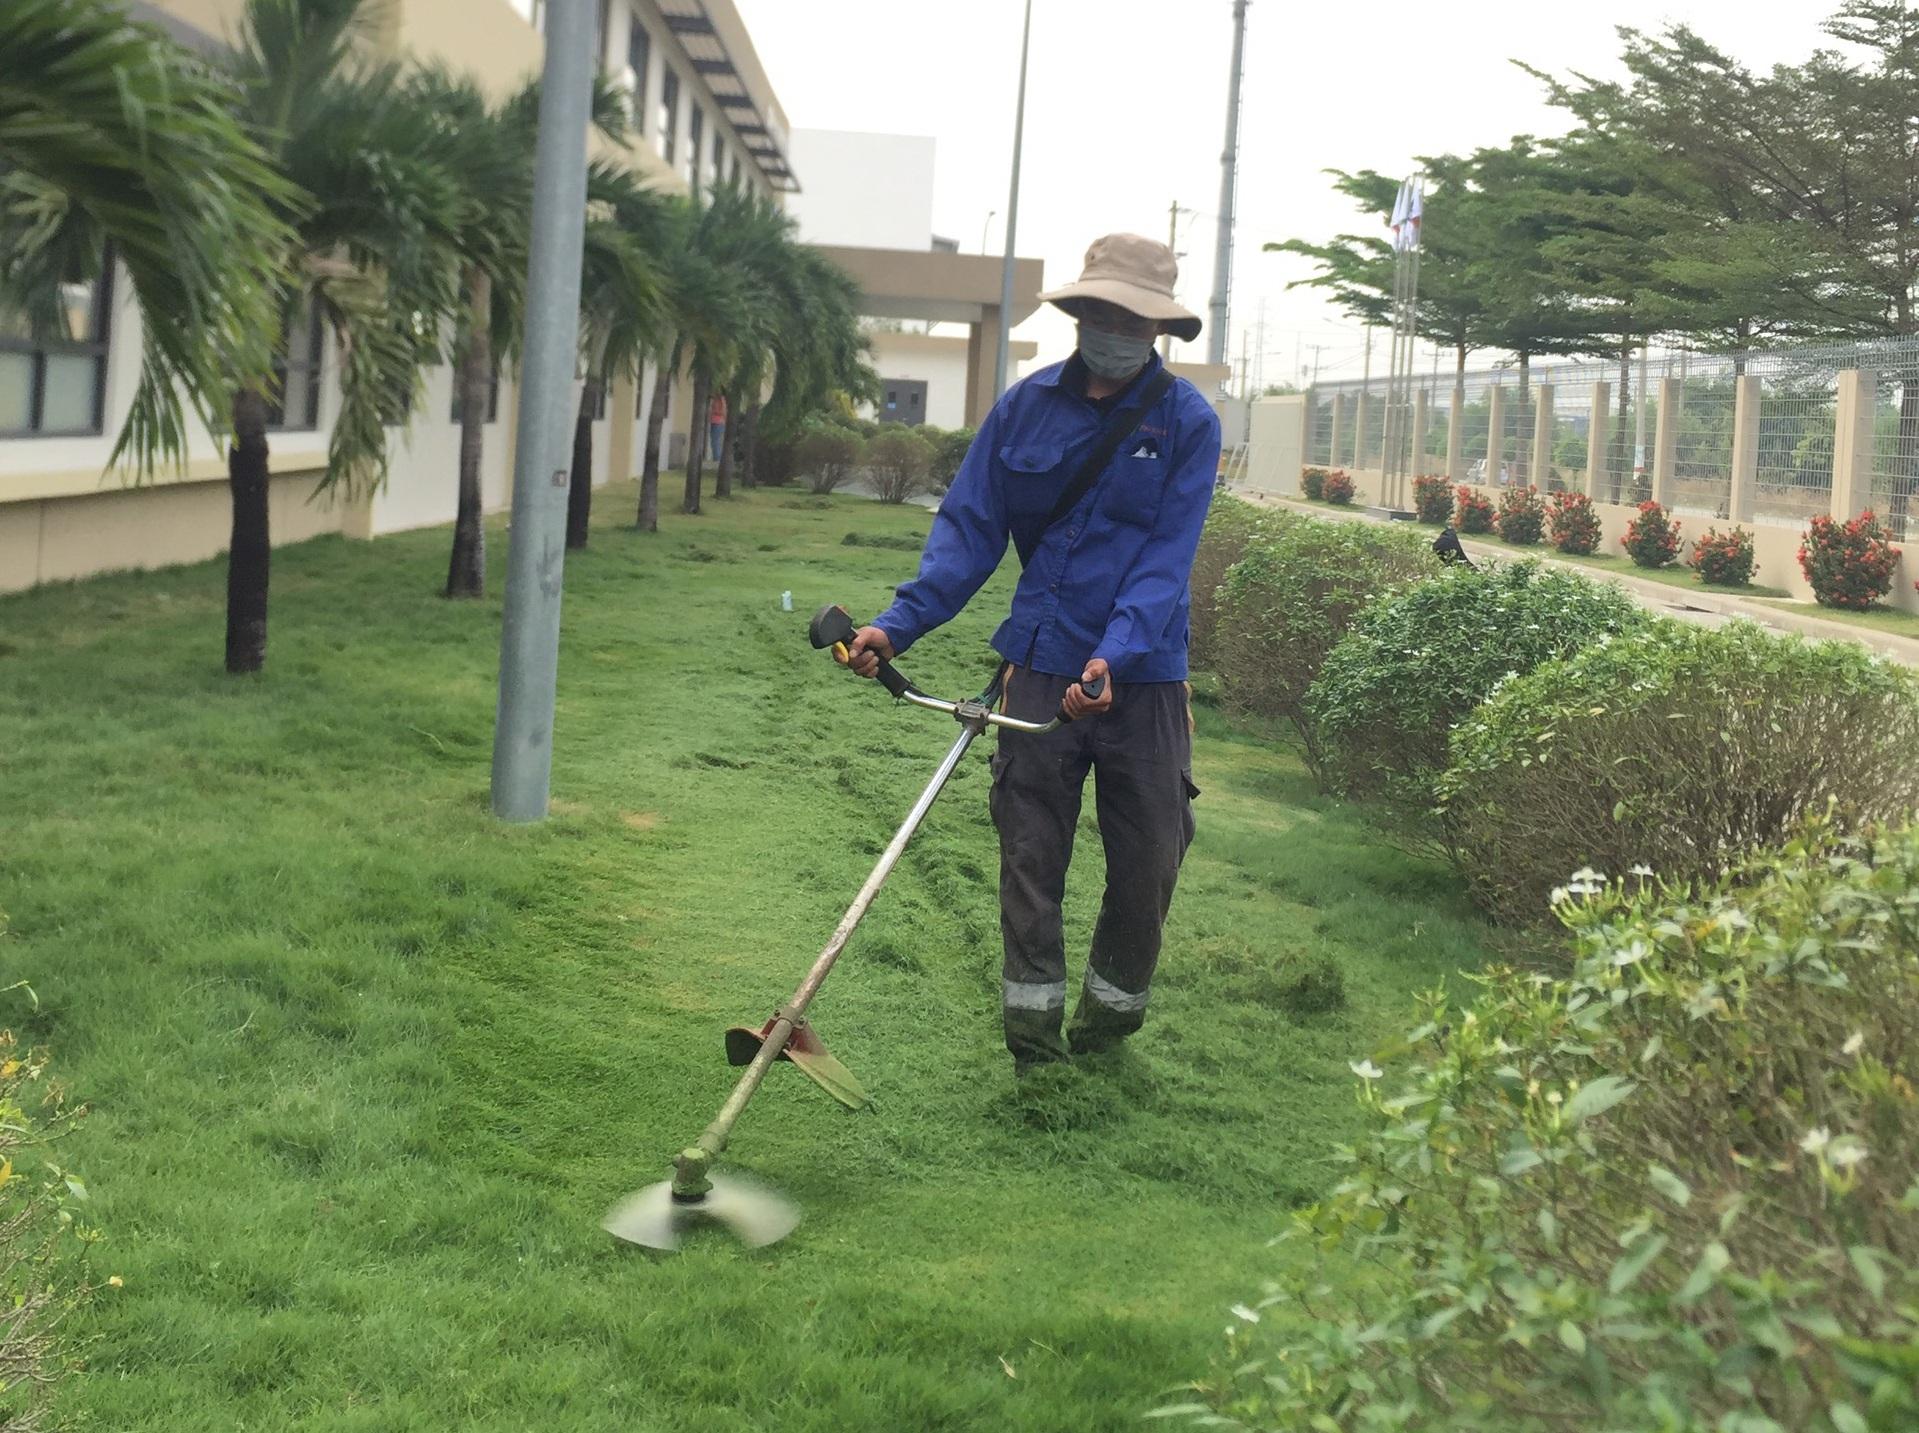 Dịch vụ cắt cỏ tại khu công nghiệp Đại Đăng từ An Khang